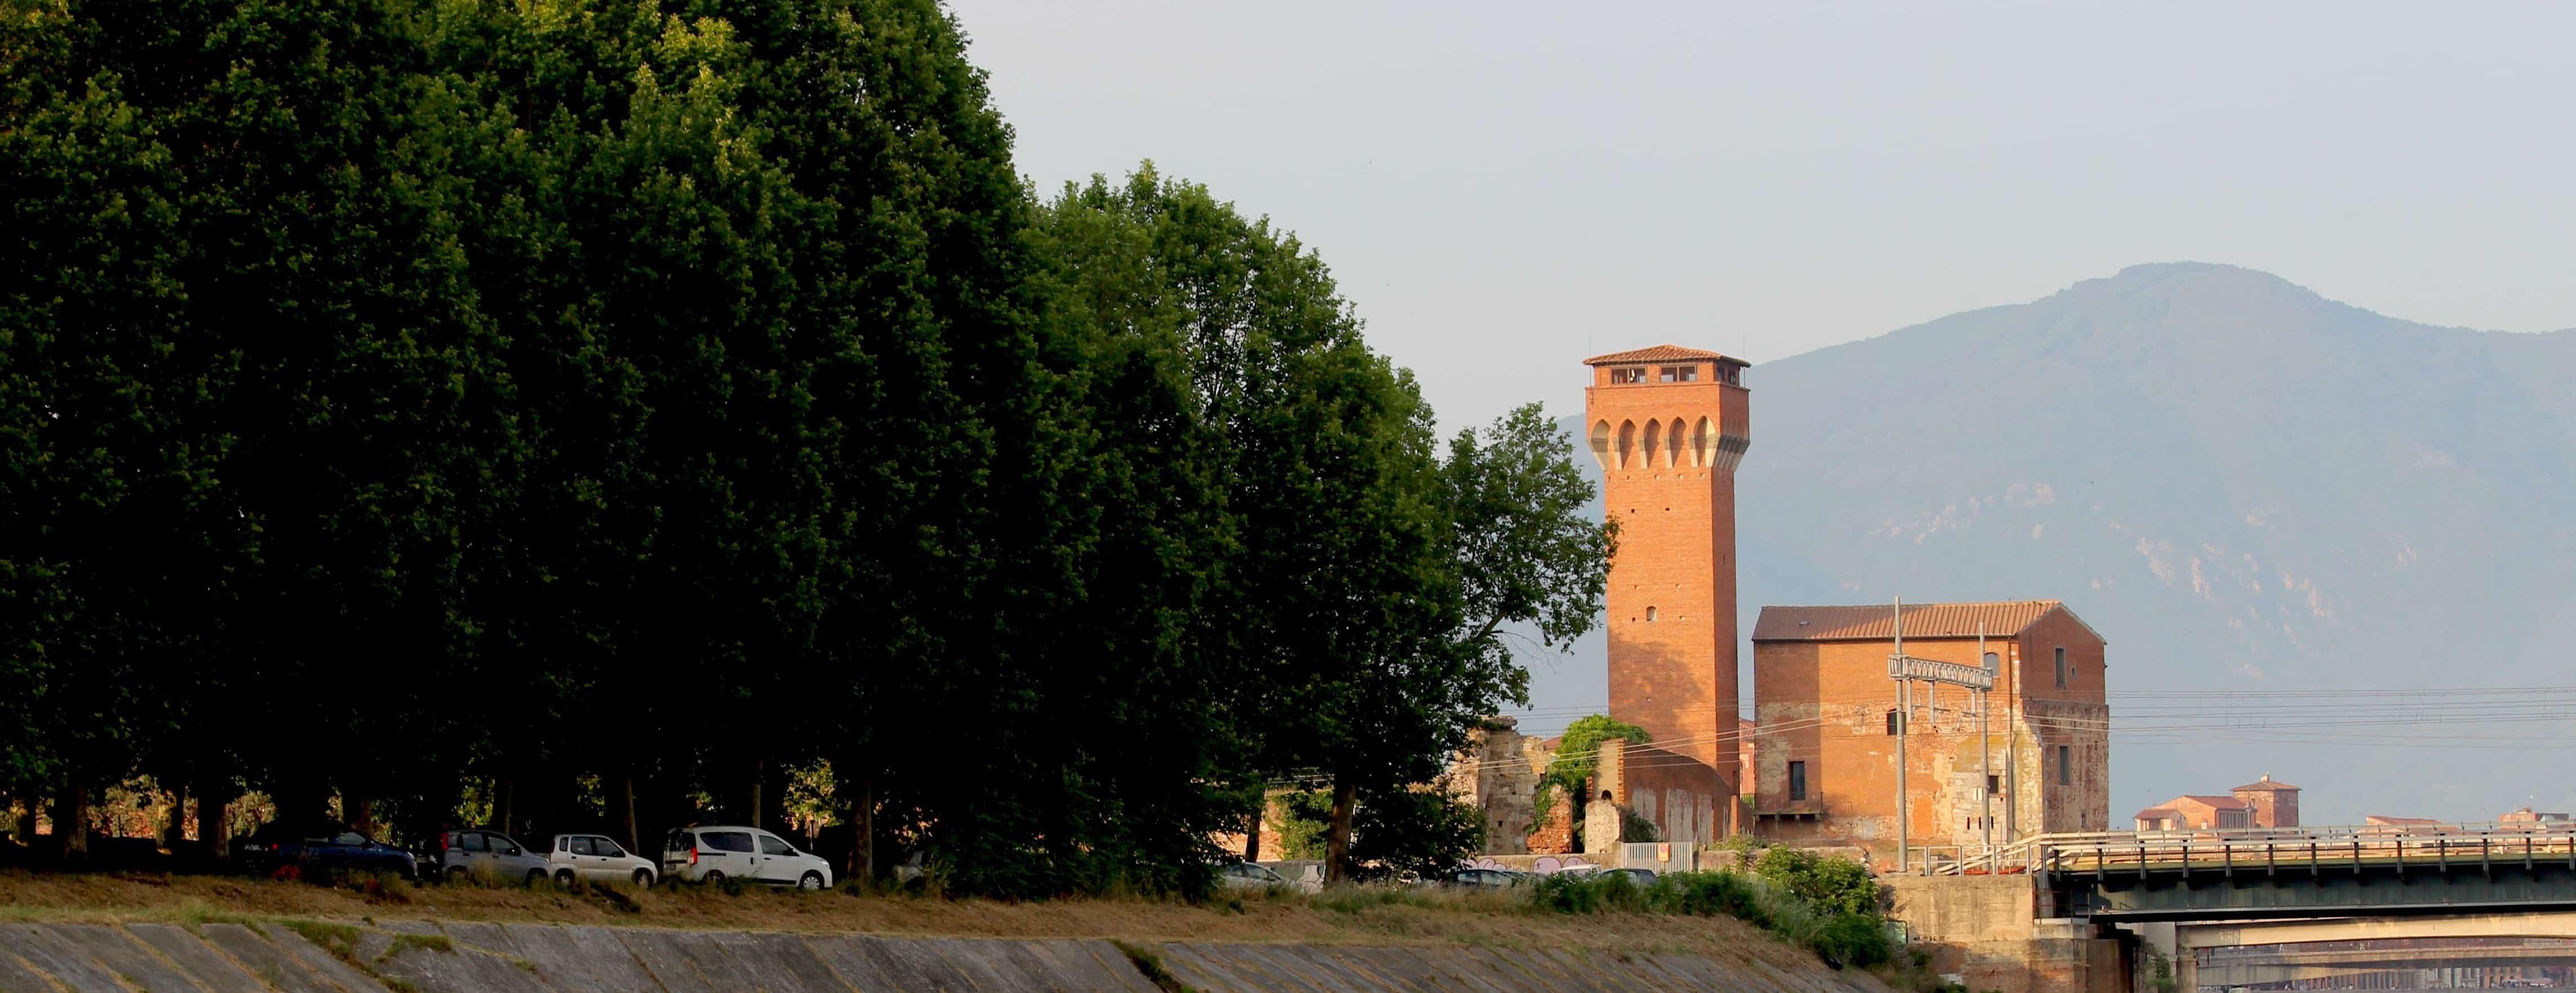 Veduta Torre della Cittadella - Fortilizio (G. Bettini, Comune di Pisa)